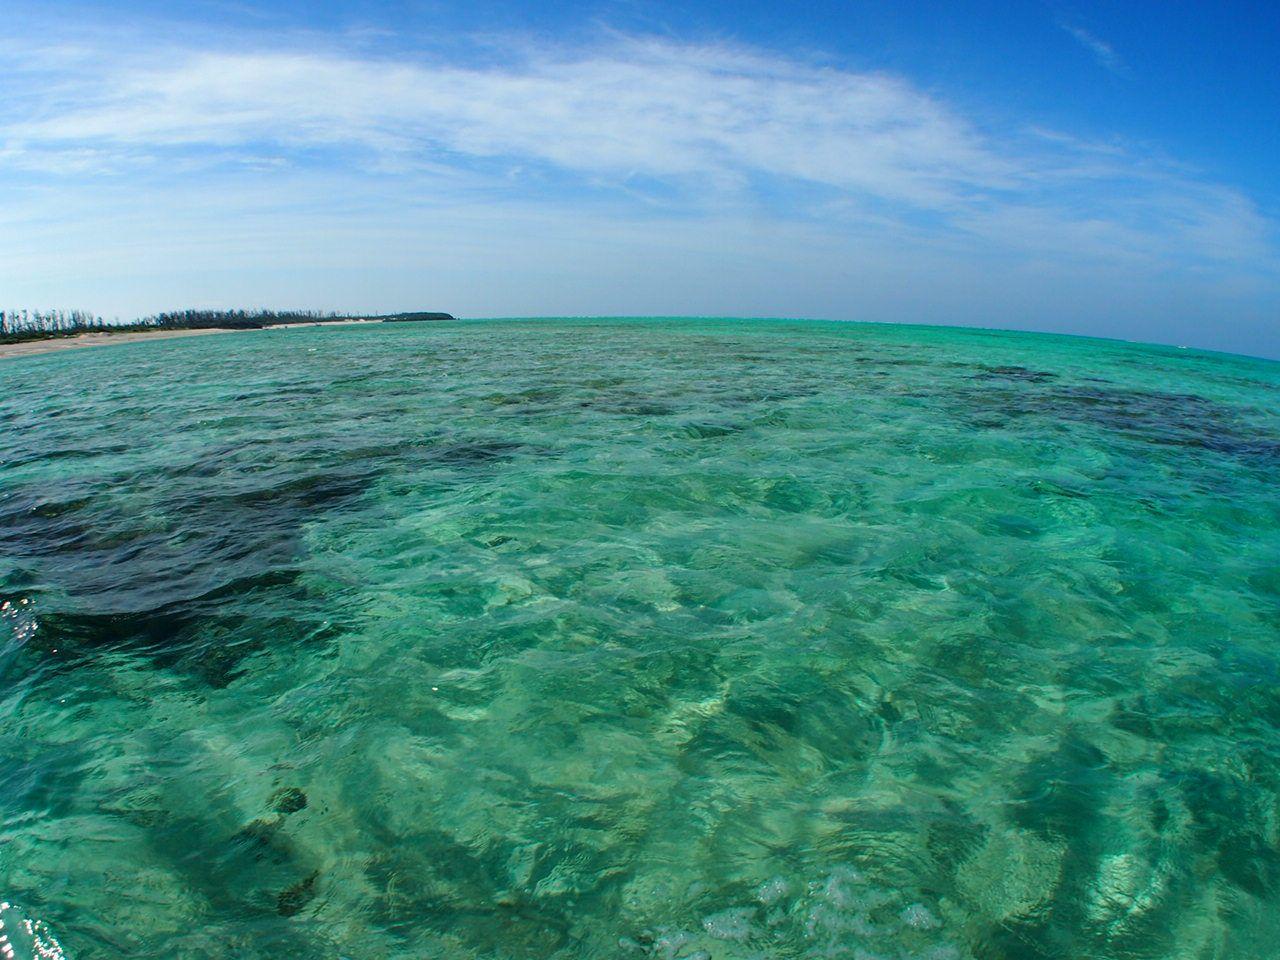 与論ブルーの海を眺めながらグラスボートで百合が浜へ!